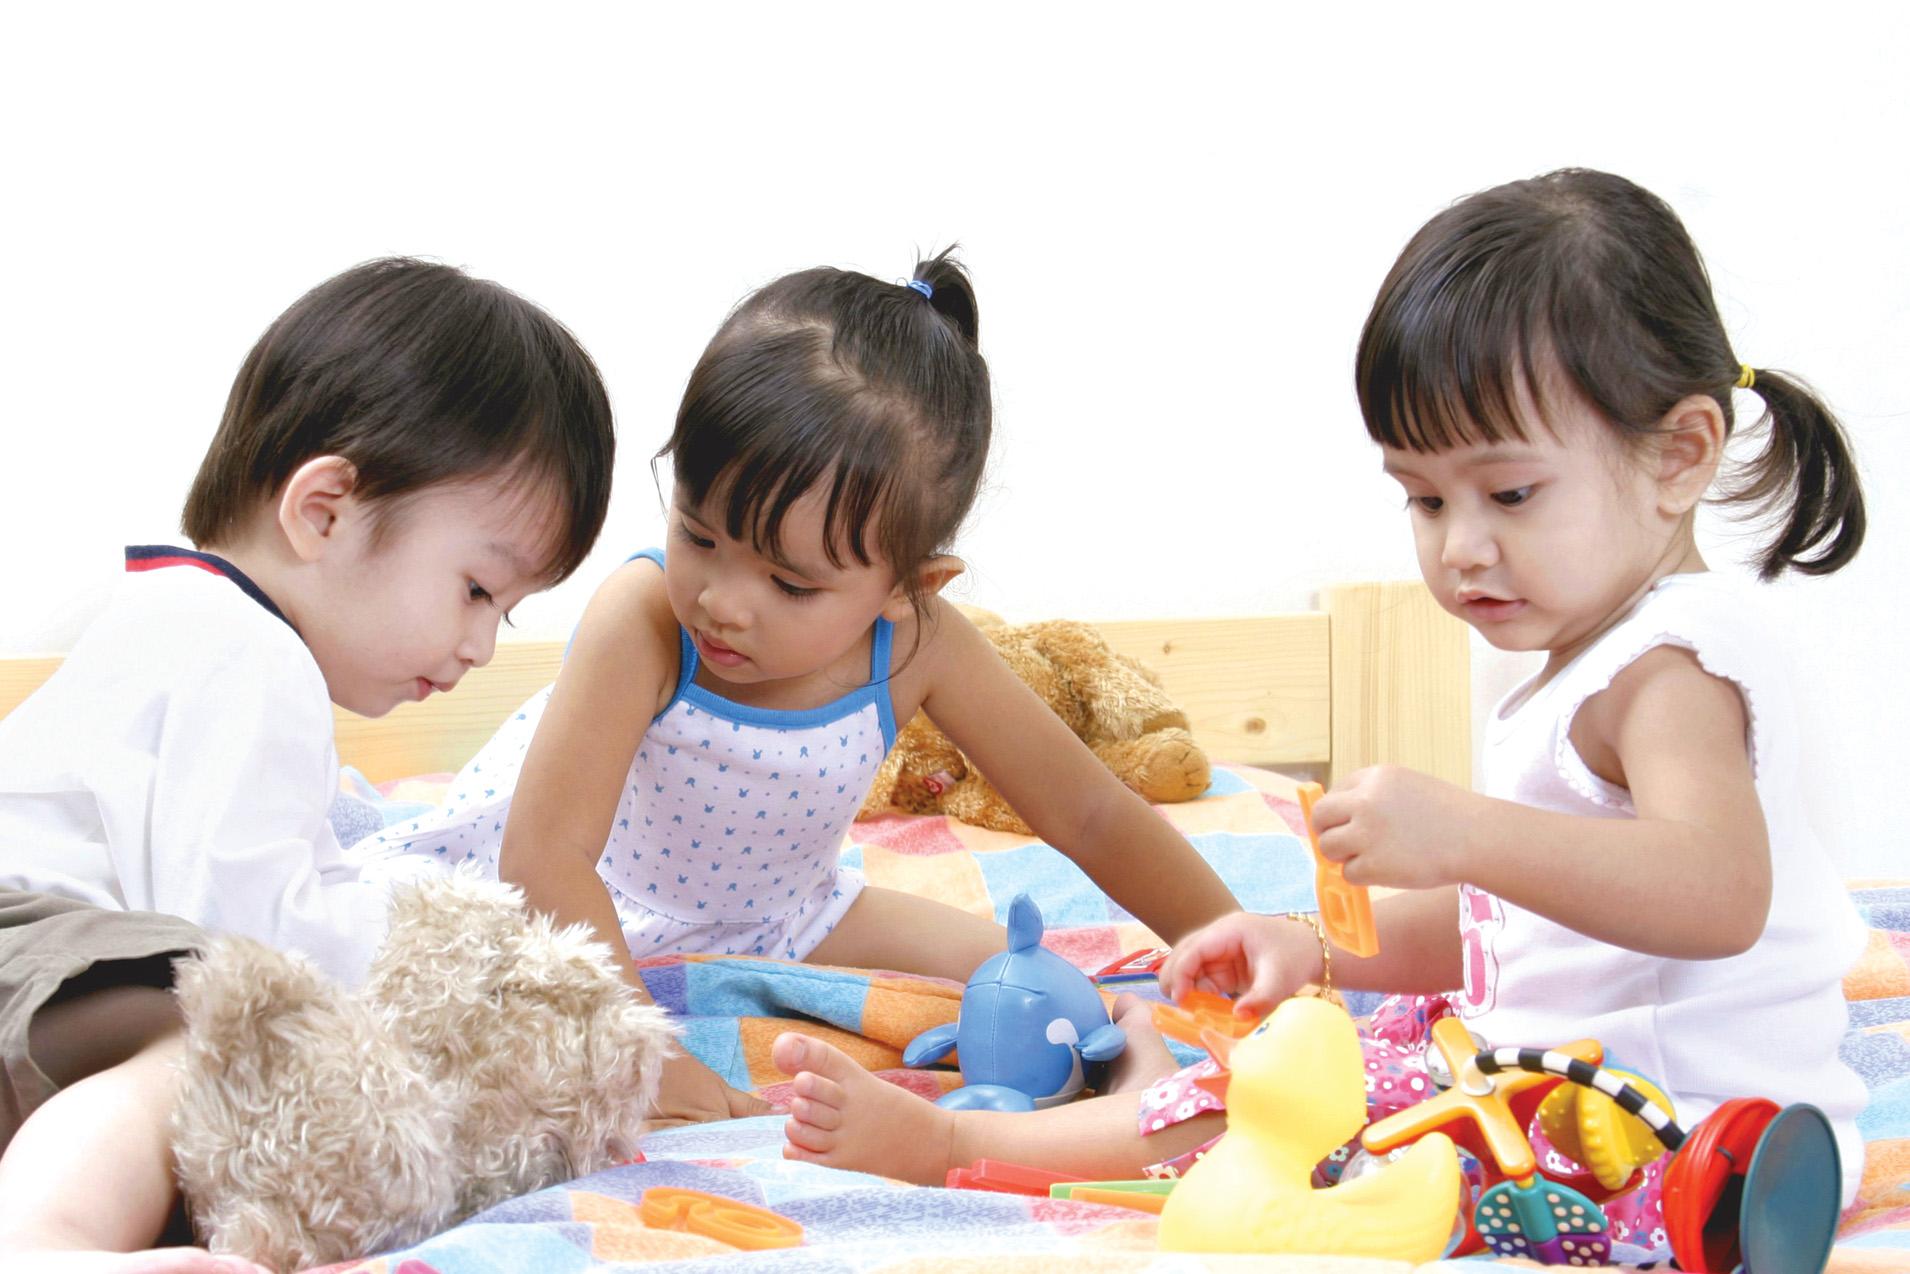 Khả năng tập trung của trẻ yếu kém là do người lớn cứ làm những điều này mà không biết - Ảnh 2.